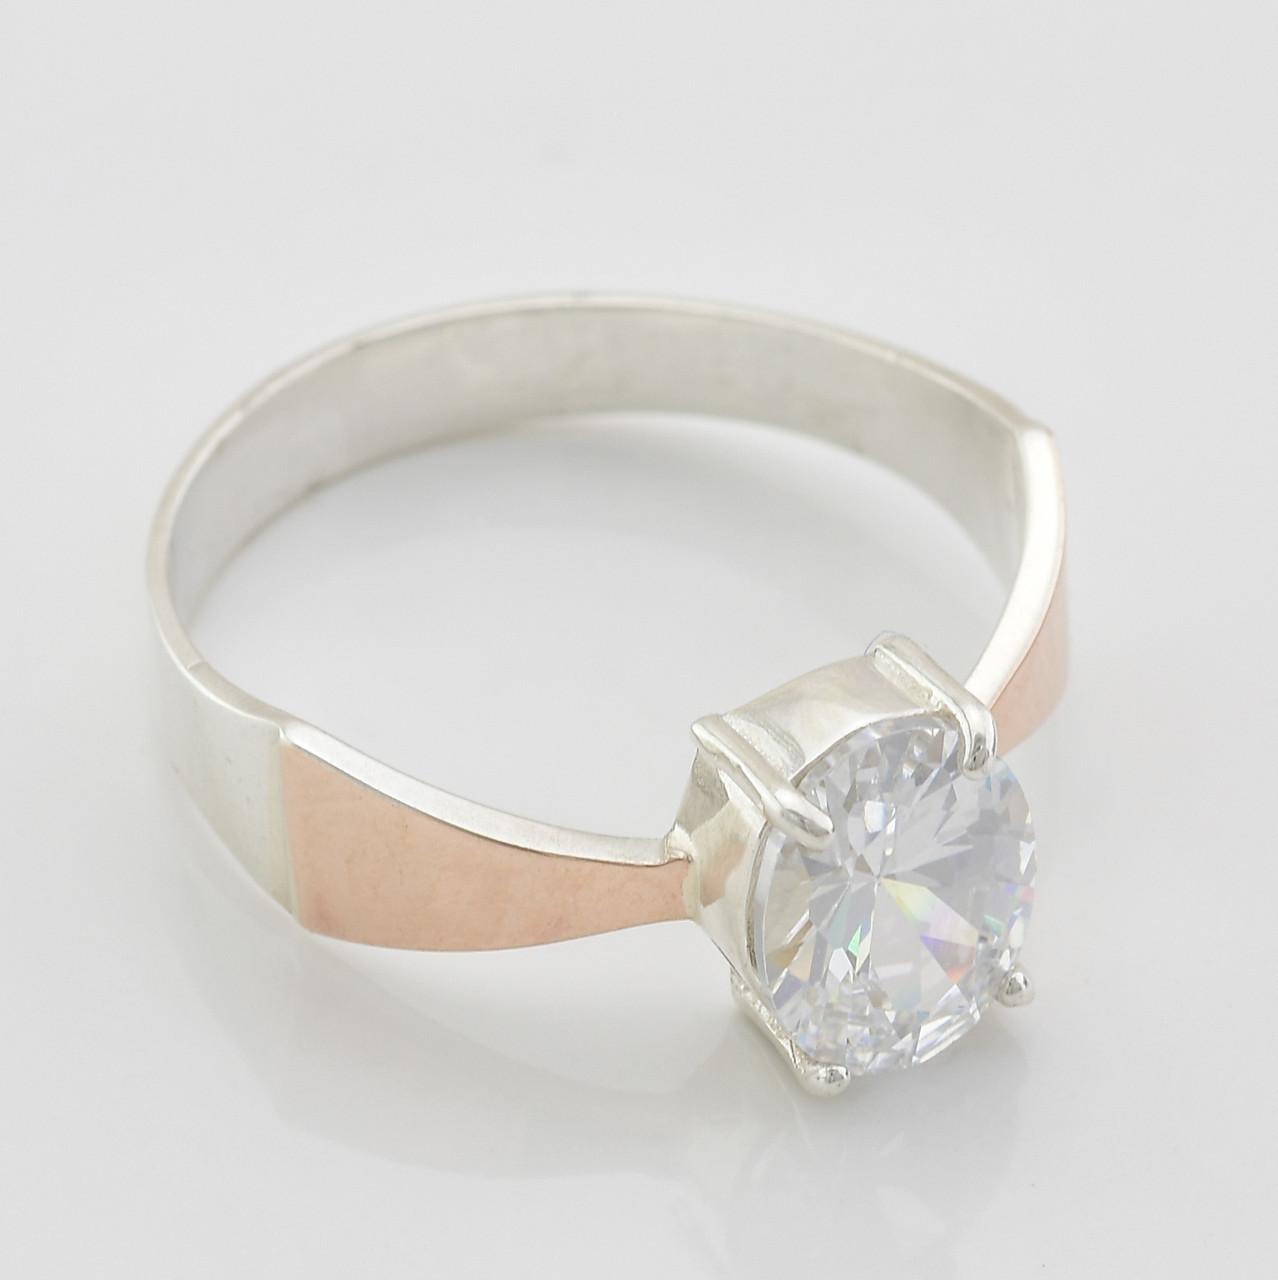 Серебряное кольцо 1291 пк, вставка белый фианит, вес 2.9 г, размер 20